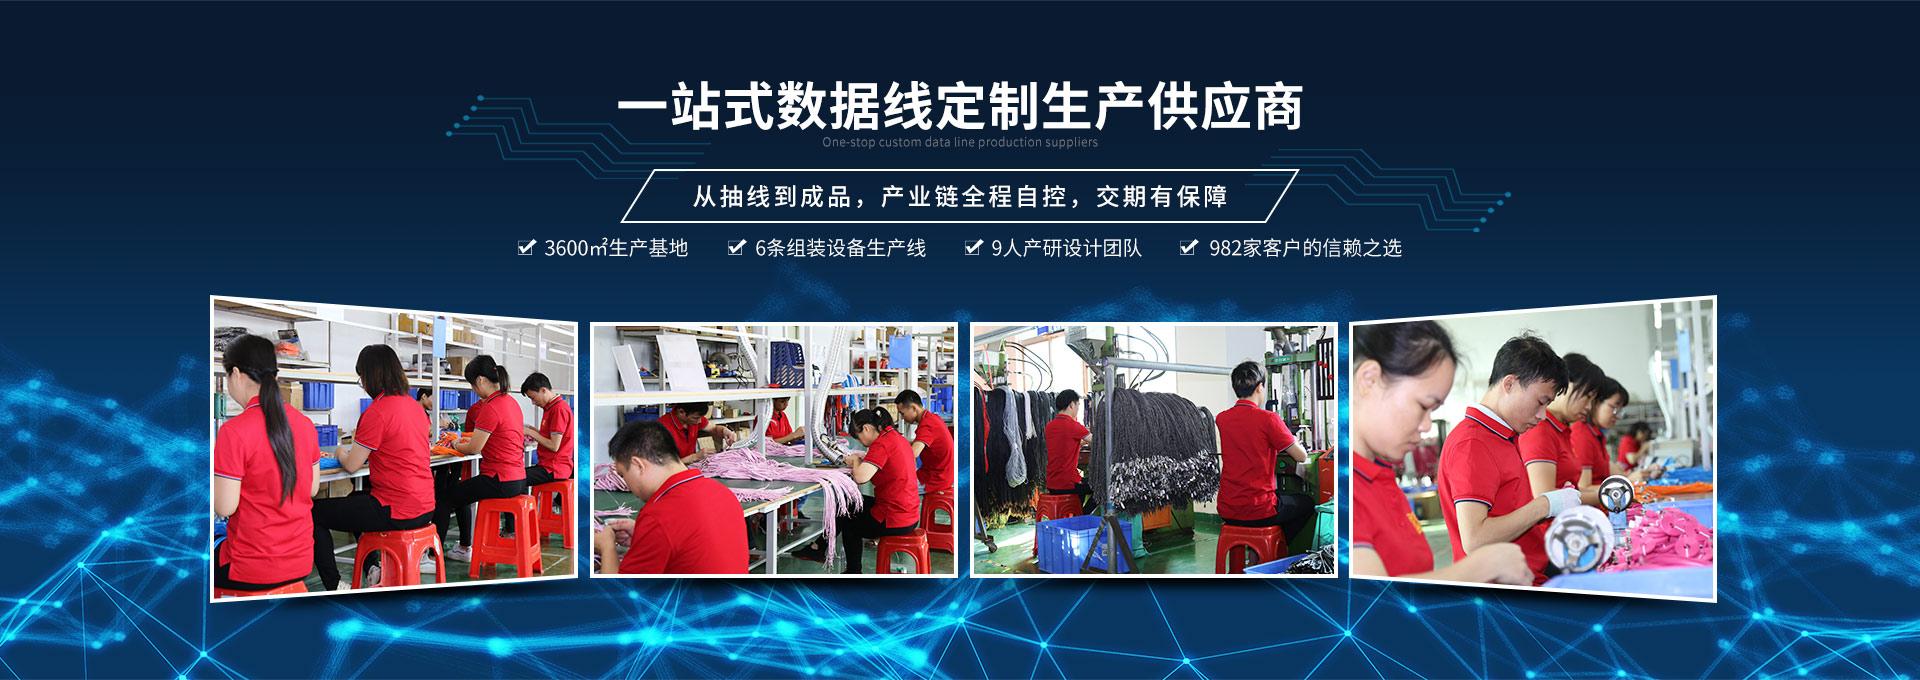 联鑫德诚--一站式数据线定制生产供应商